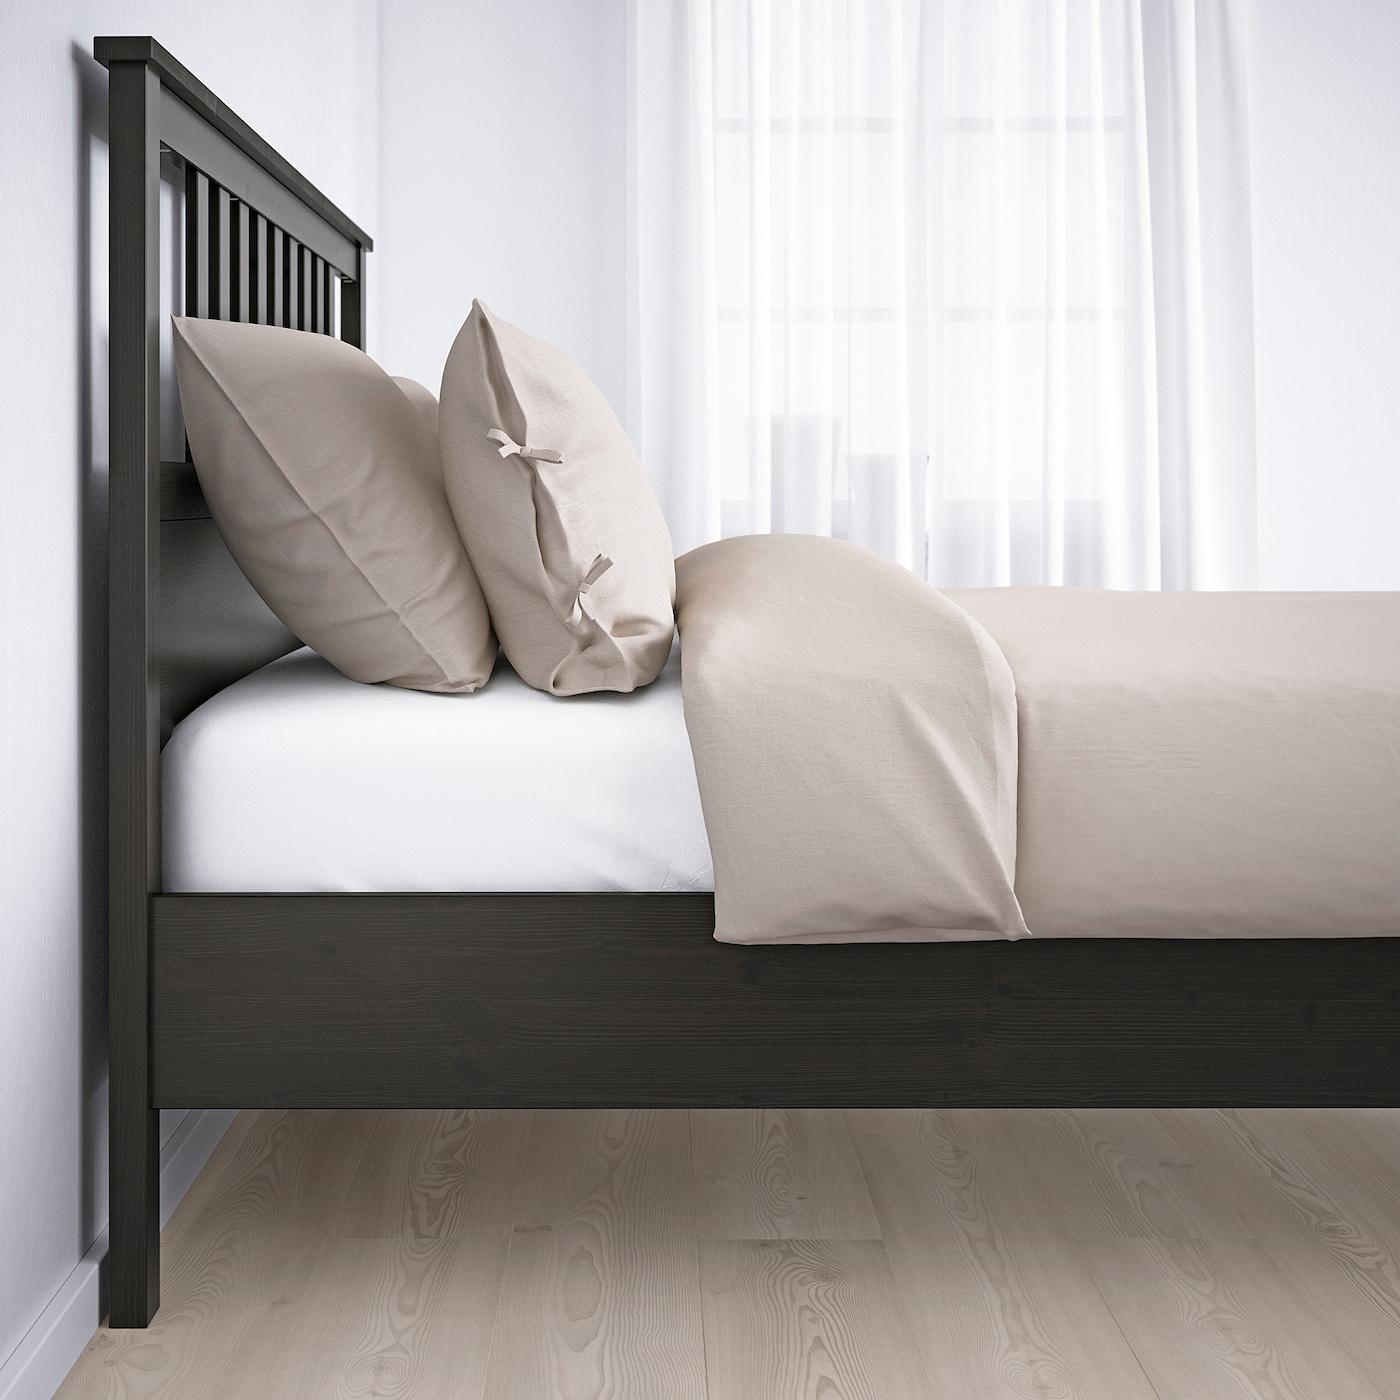 Full Size of Ikea Hemnes Bett 160x200 Grau Bettgestell Schwarzbraun Deutschland Ausziehbares Schwarz Weiß Coole Betten Minion Himmel Bettkasten 3er Sofa Massivholz 180x200 Wohnzimmer Ikea Hemnes Bett 160x200 Grau